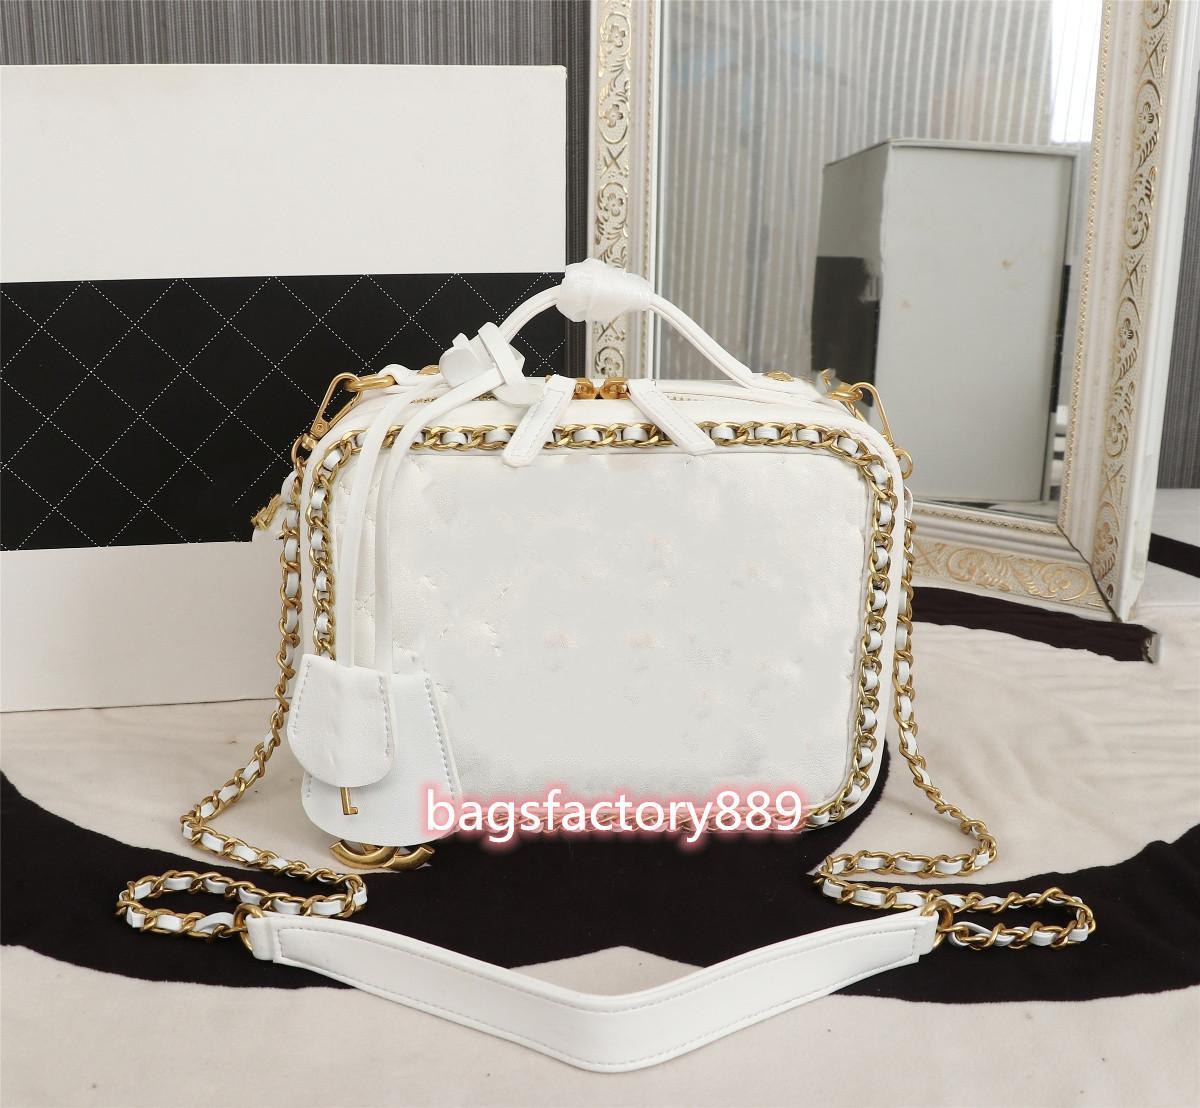 Bolsas de primavera y verano SS Mall Vanity Case Casmetic Box Packing Beauty Burst agregó la cadena de anillos es más noble que el mantenimiento de la moda Tas Niza